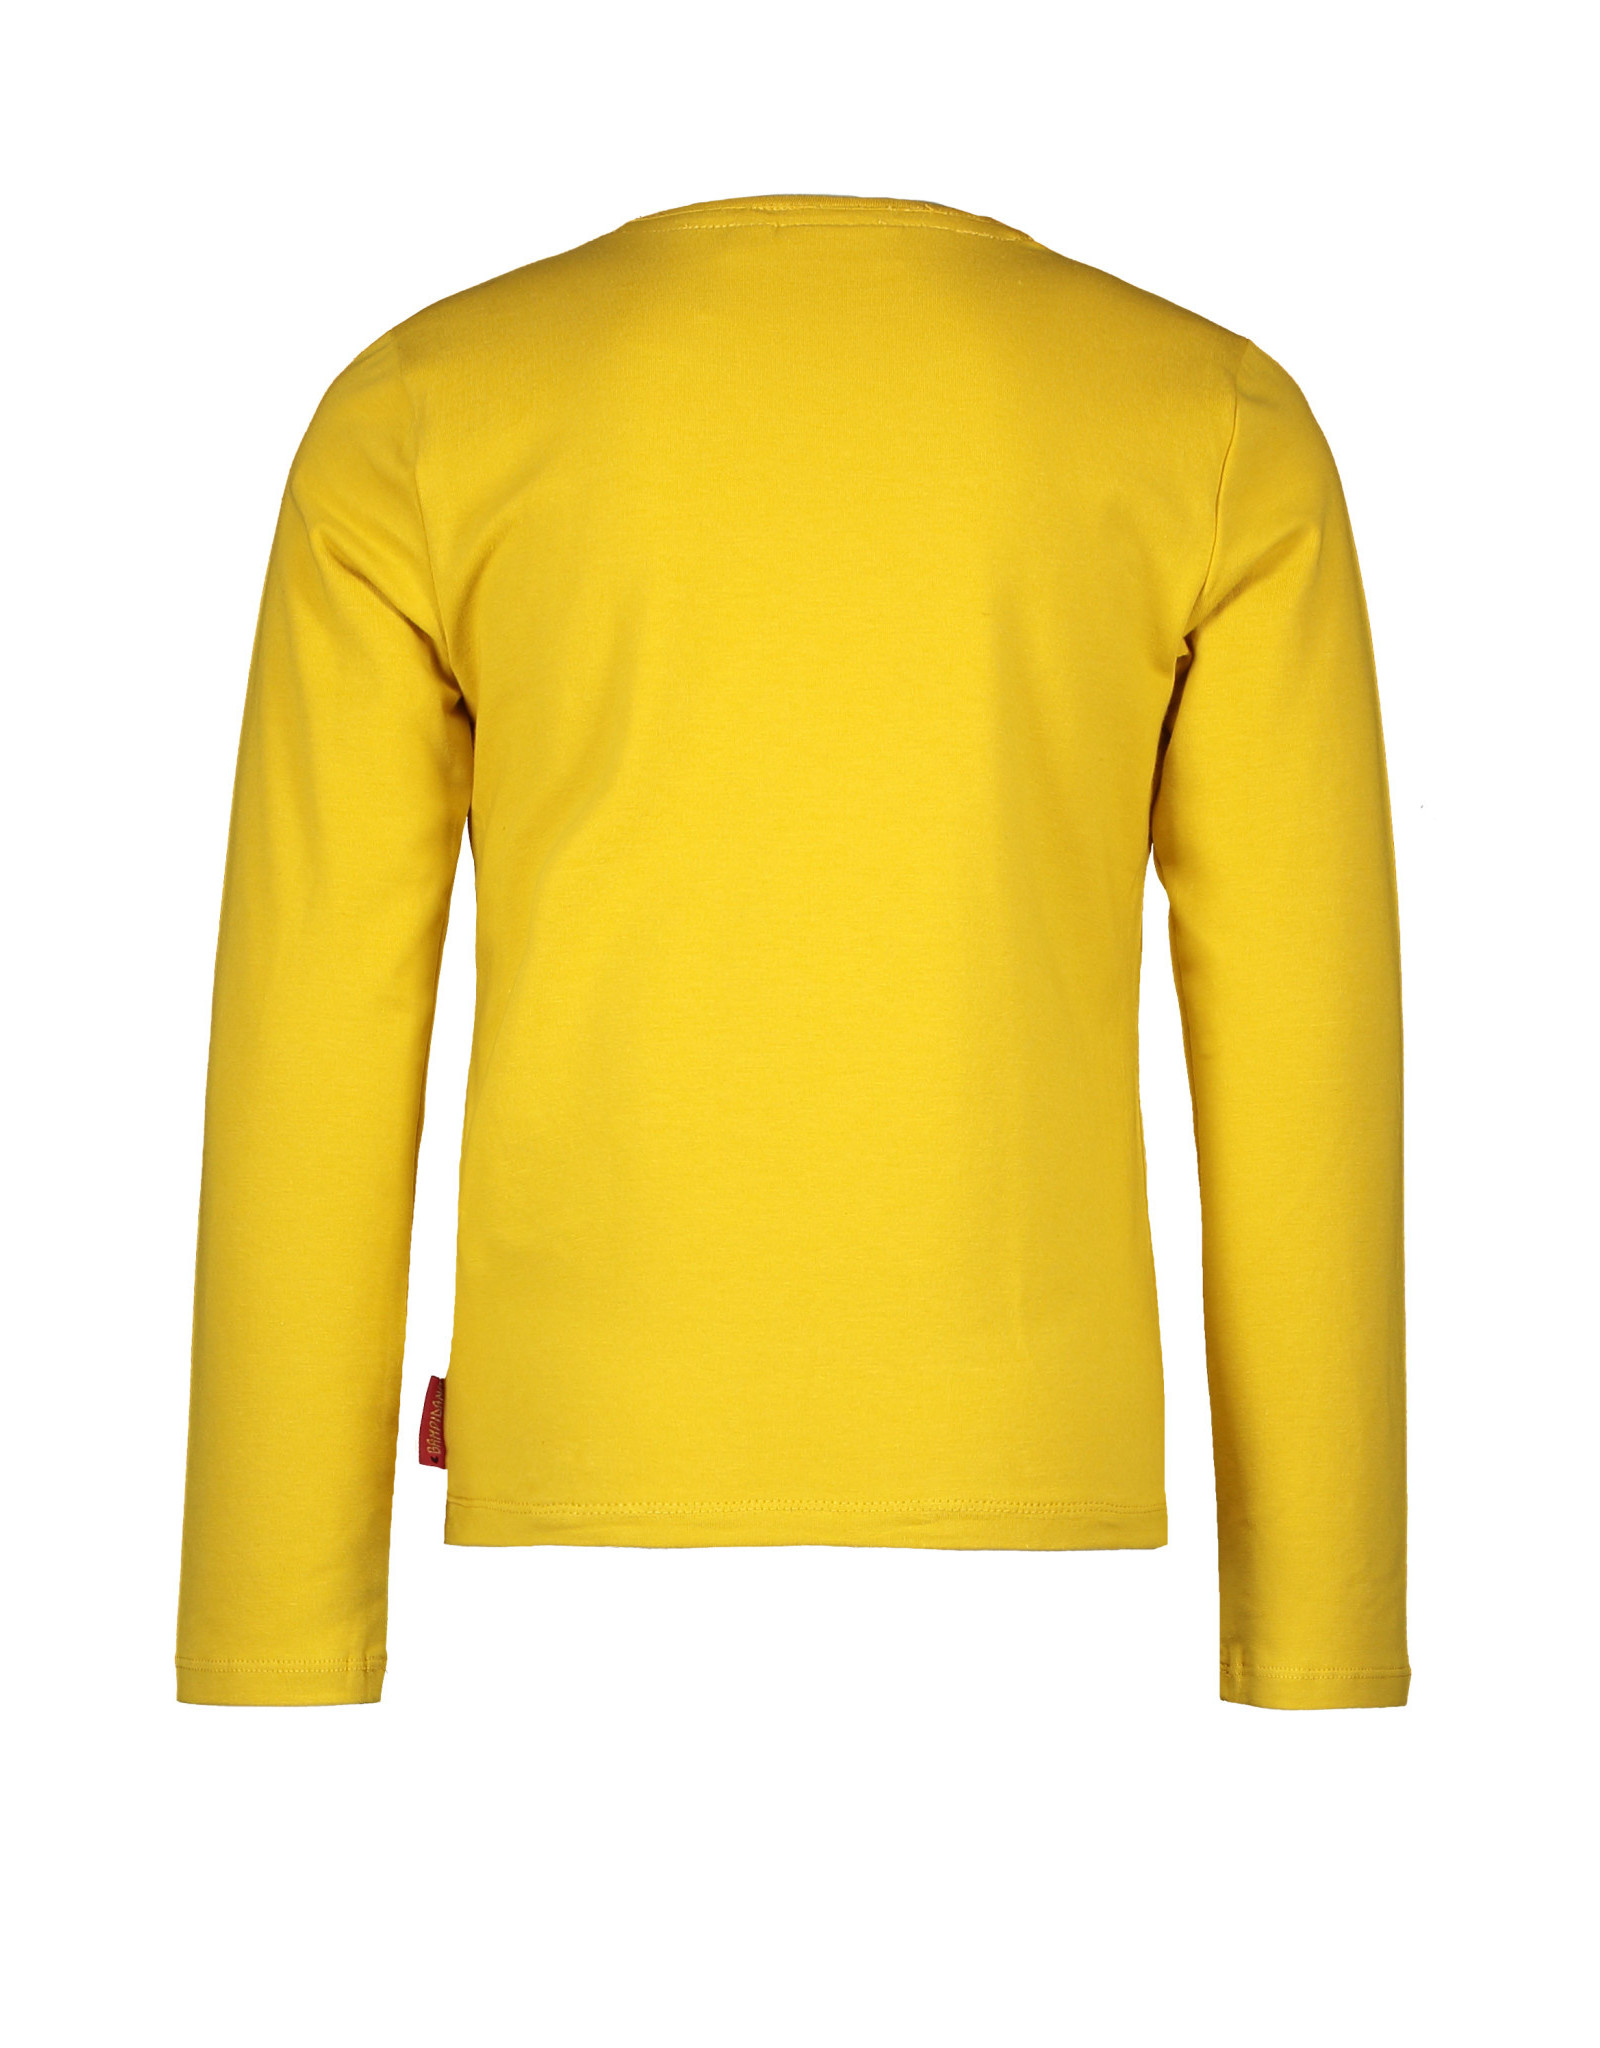 Bampidano Bampidano meisjes shirt Berrin VOILA Ocre Yellow